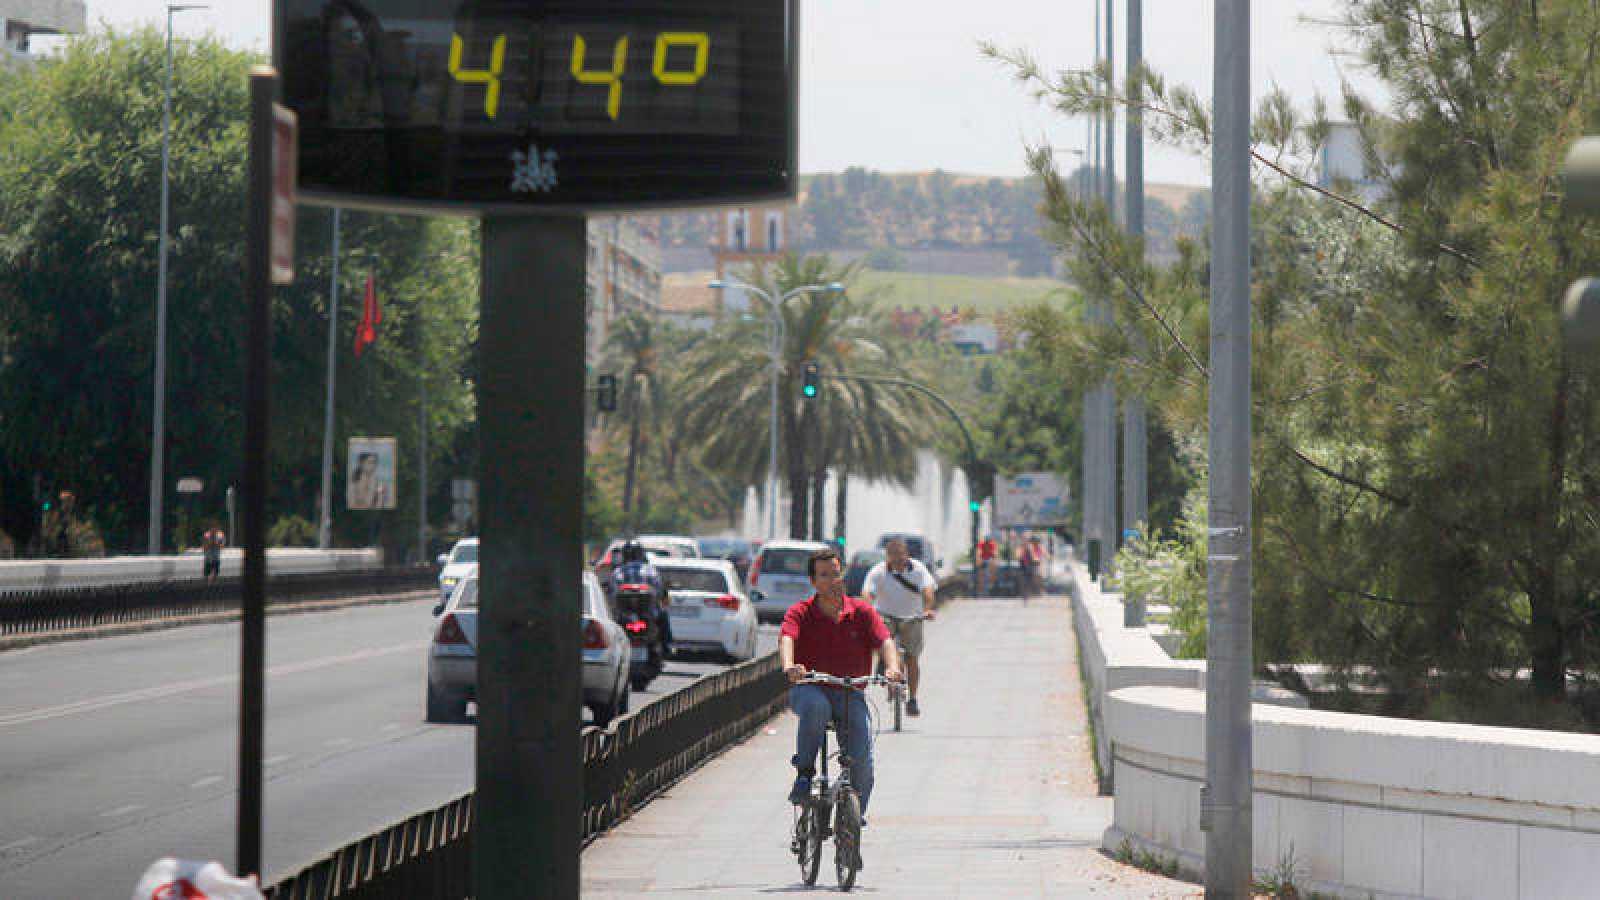 Detalle de un termómetro que marcó 44ºC en Córdoba durante la pasada ola de calor de junio.